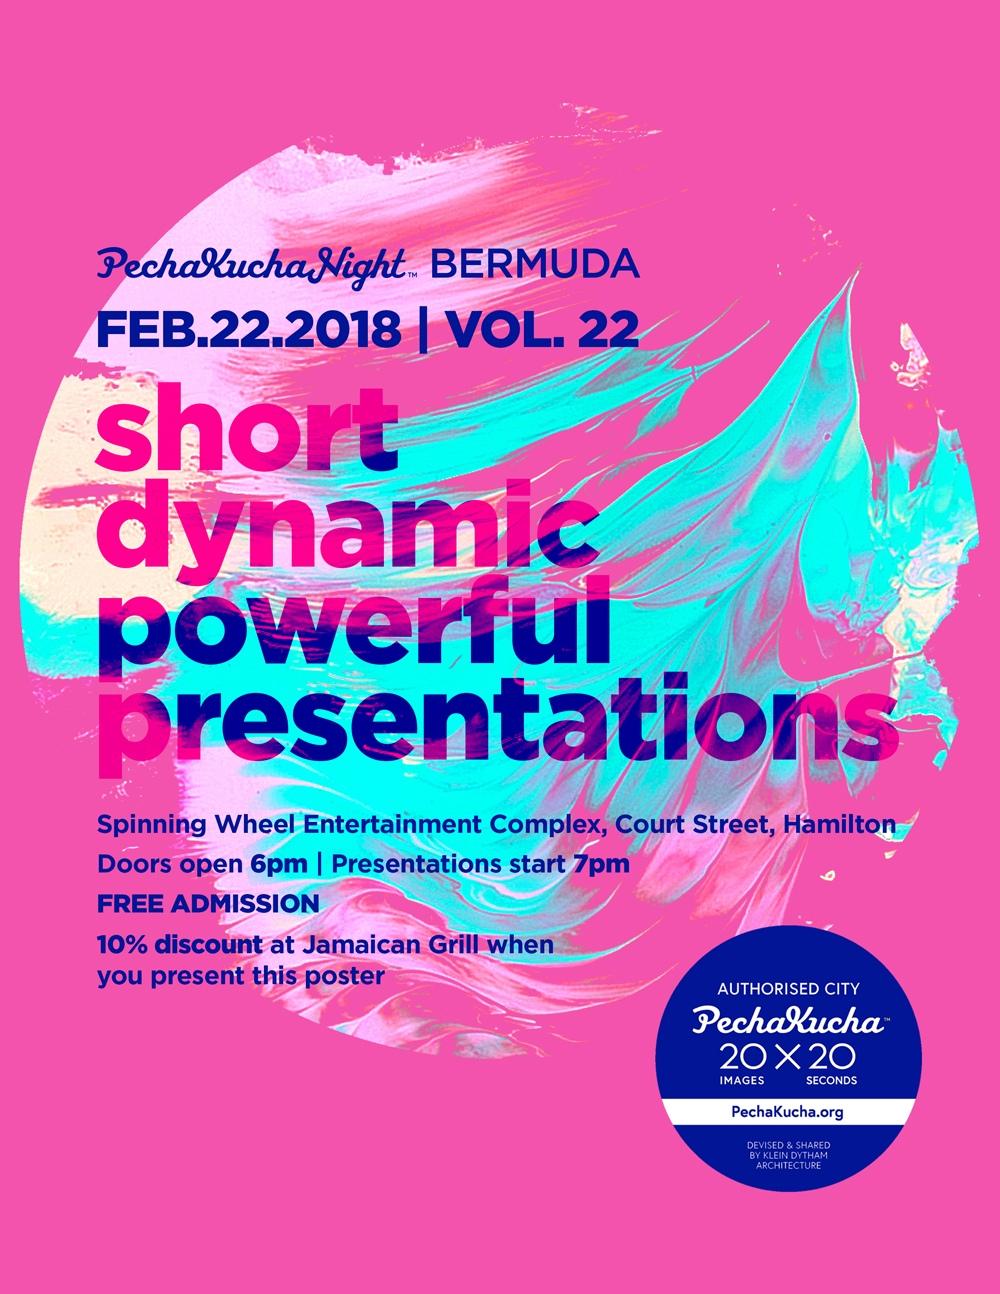 pechakucha Bermuda Feb 21 2018